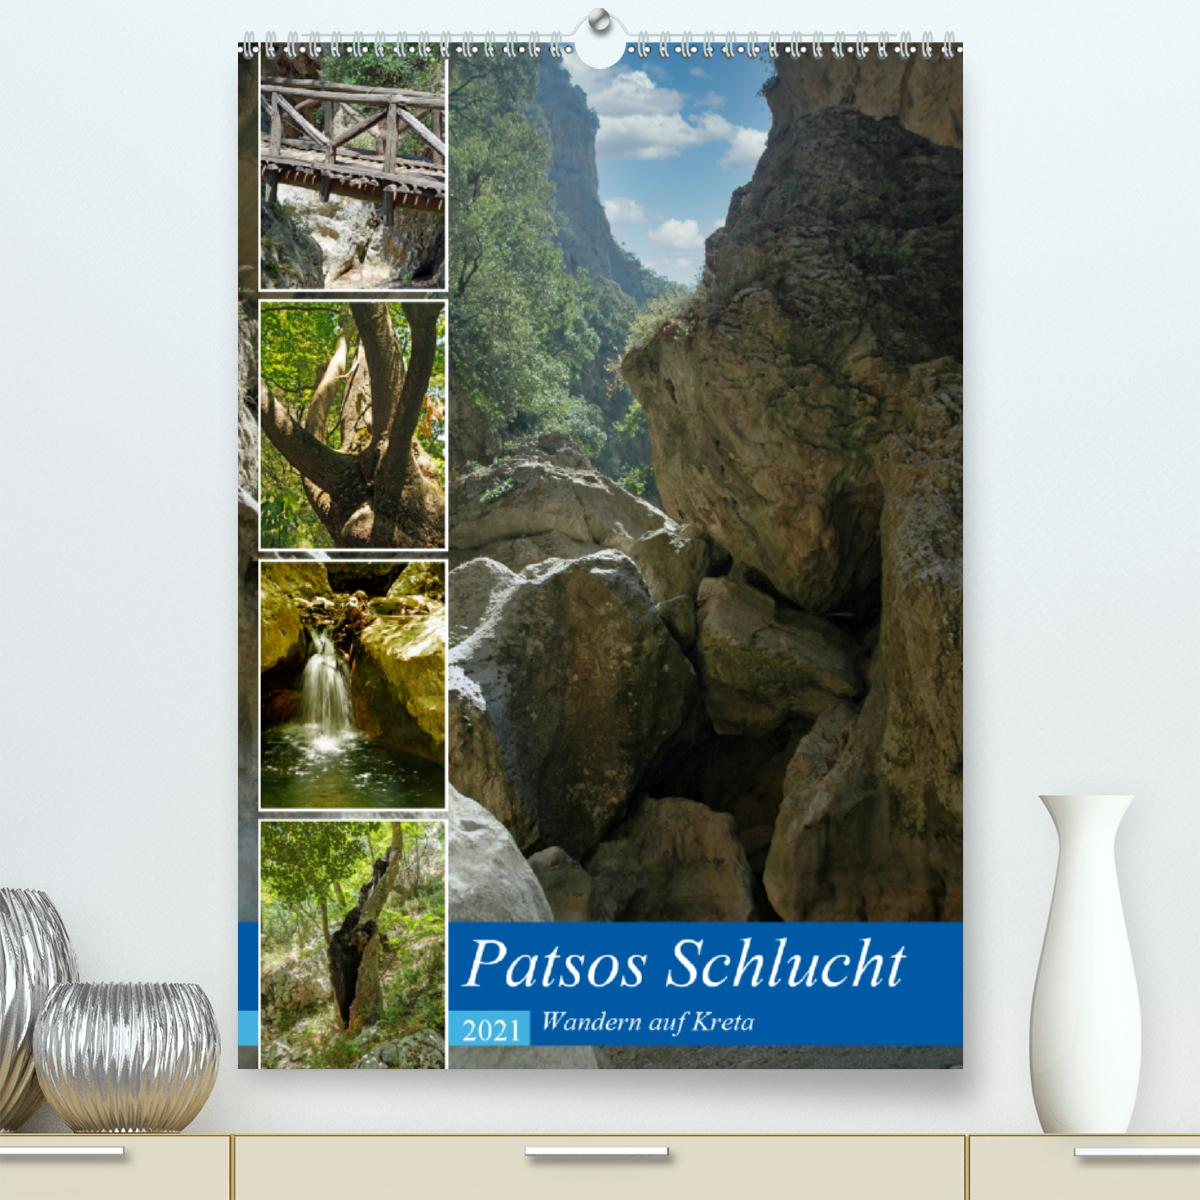 Patsos Schlucht. Wandern auf Kreta (Premium, hochwertiger DIN A2